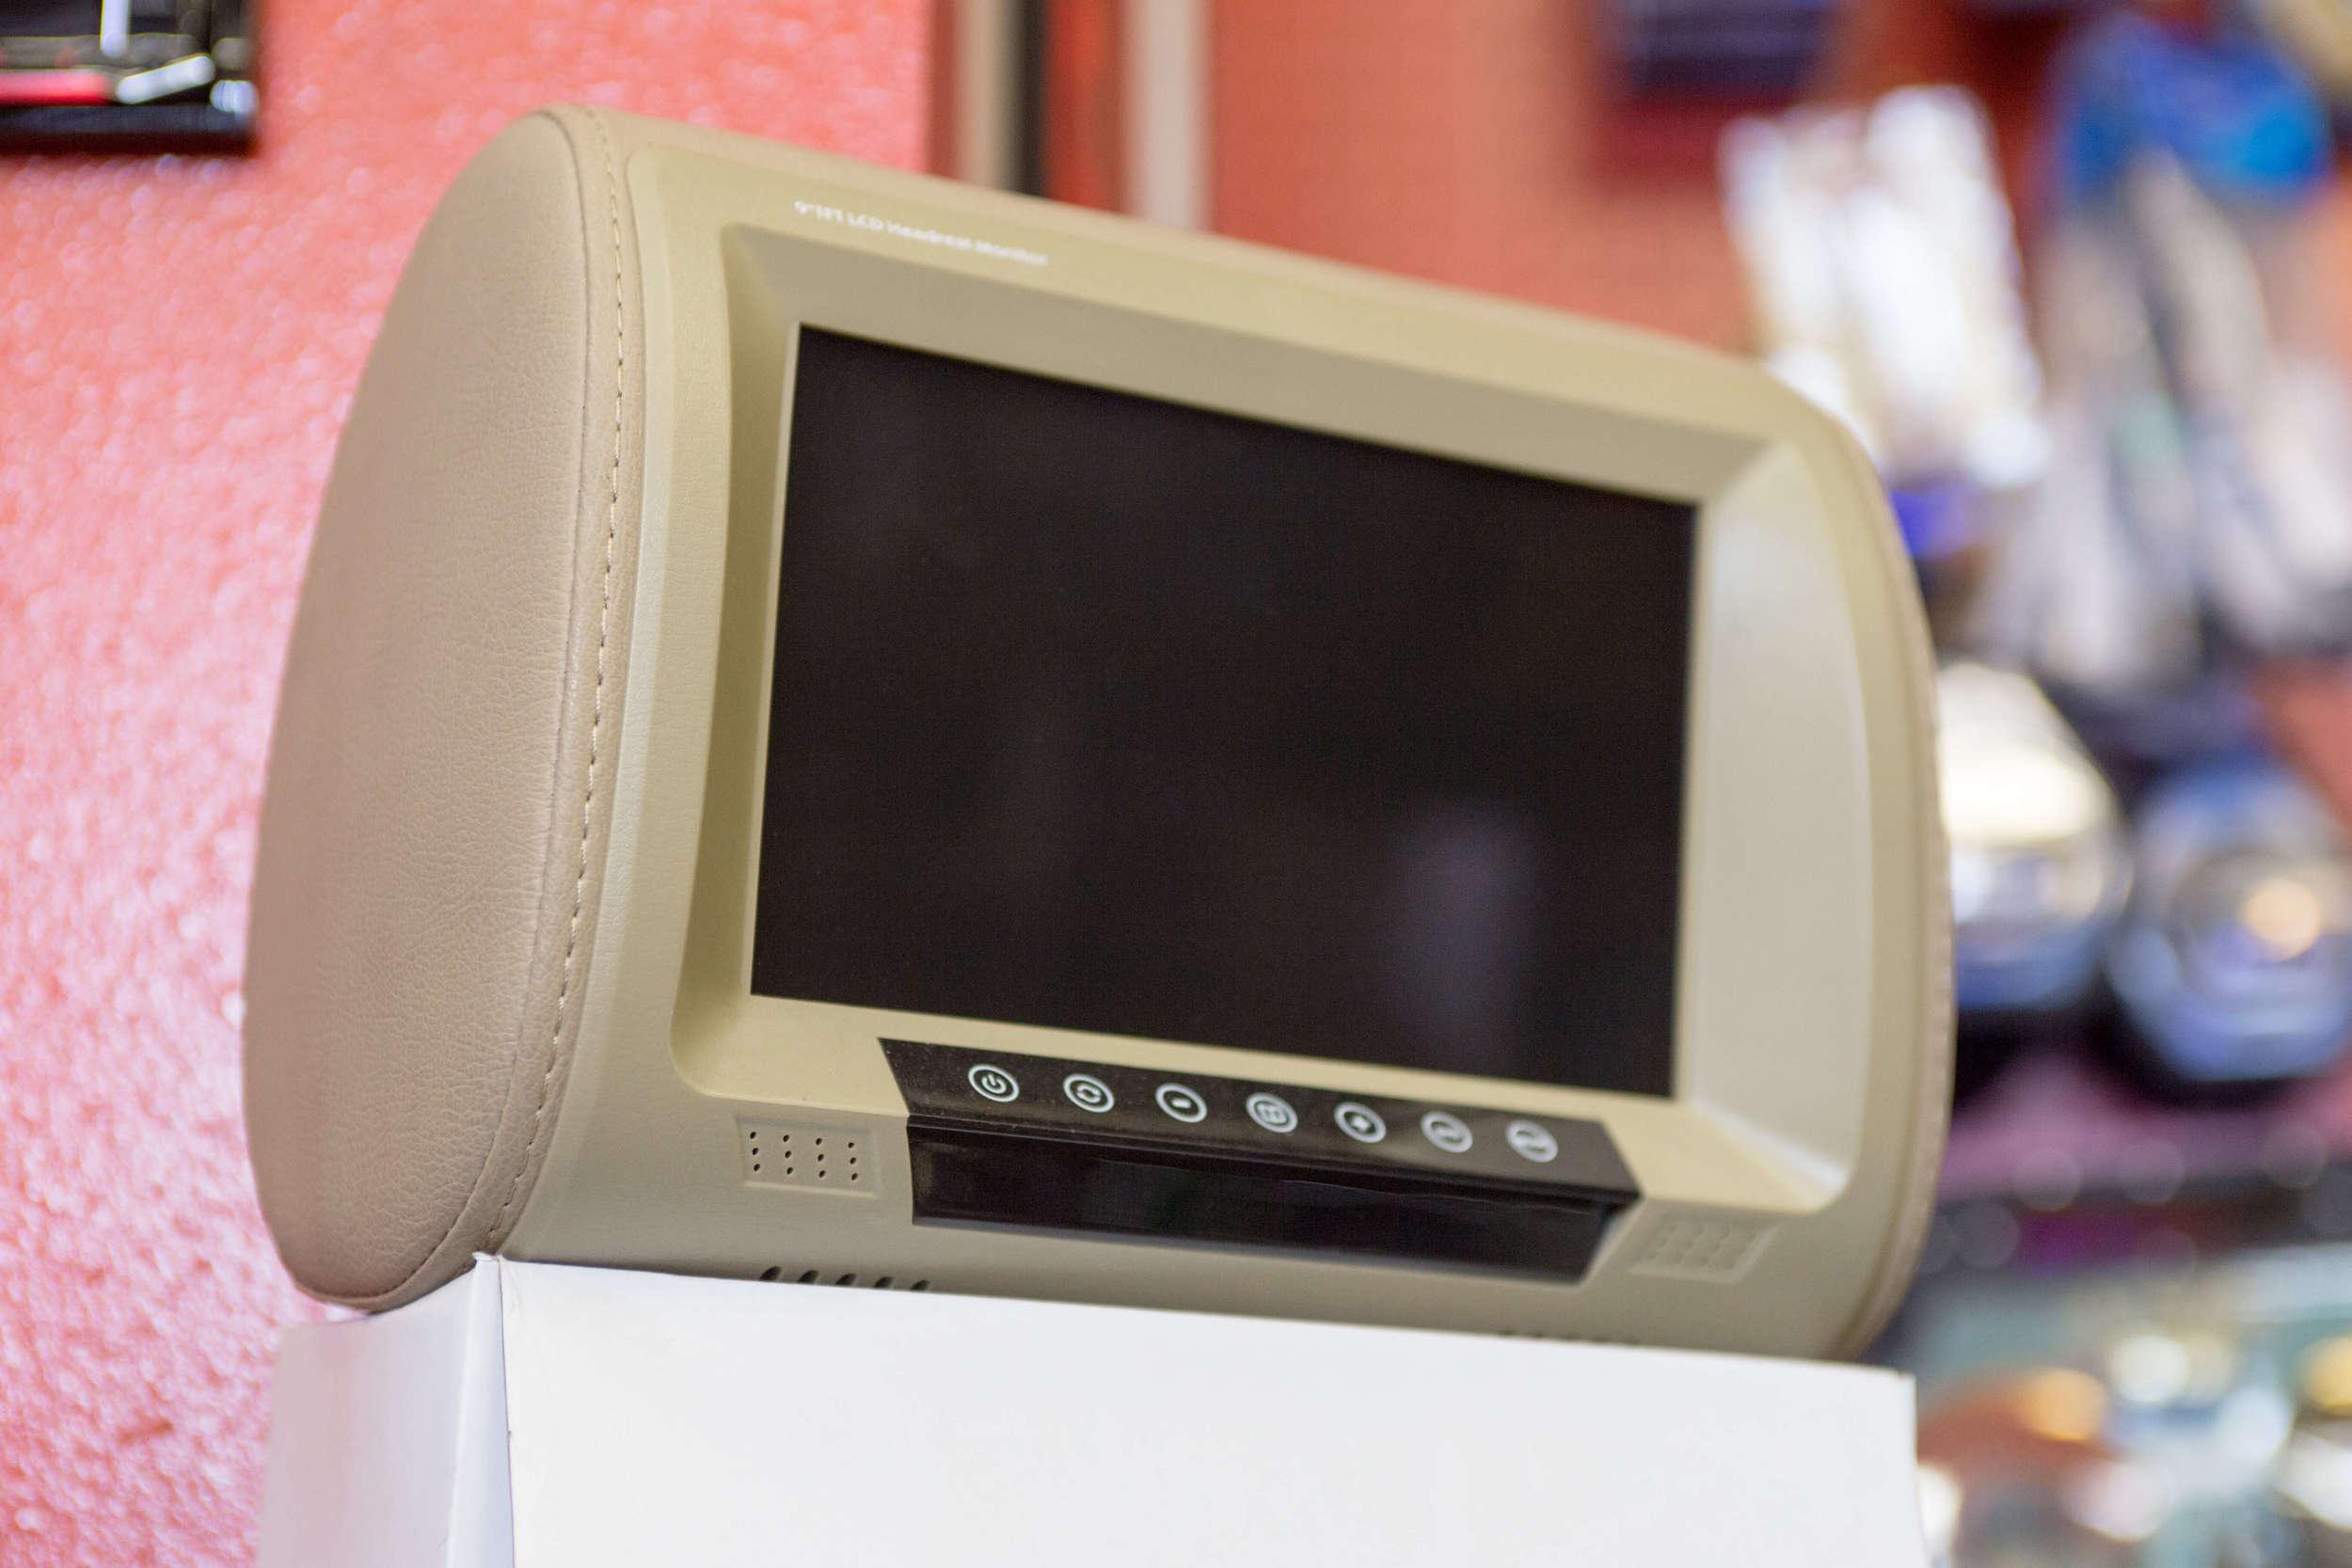 Car video player specials Audiosport Escondido.